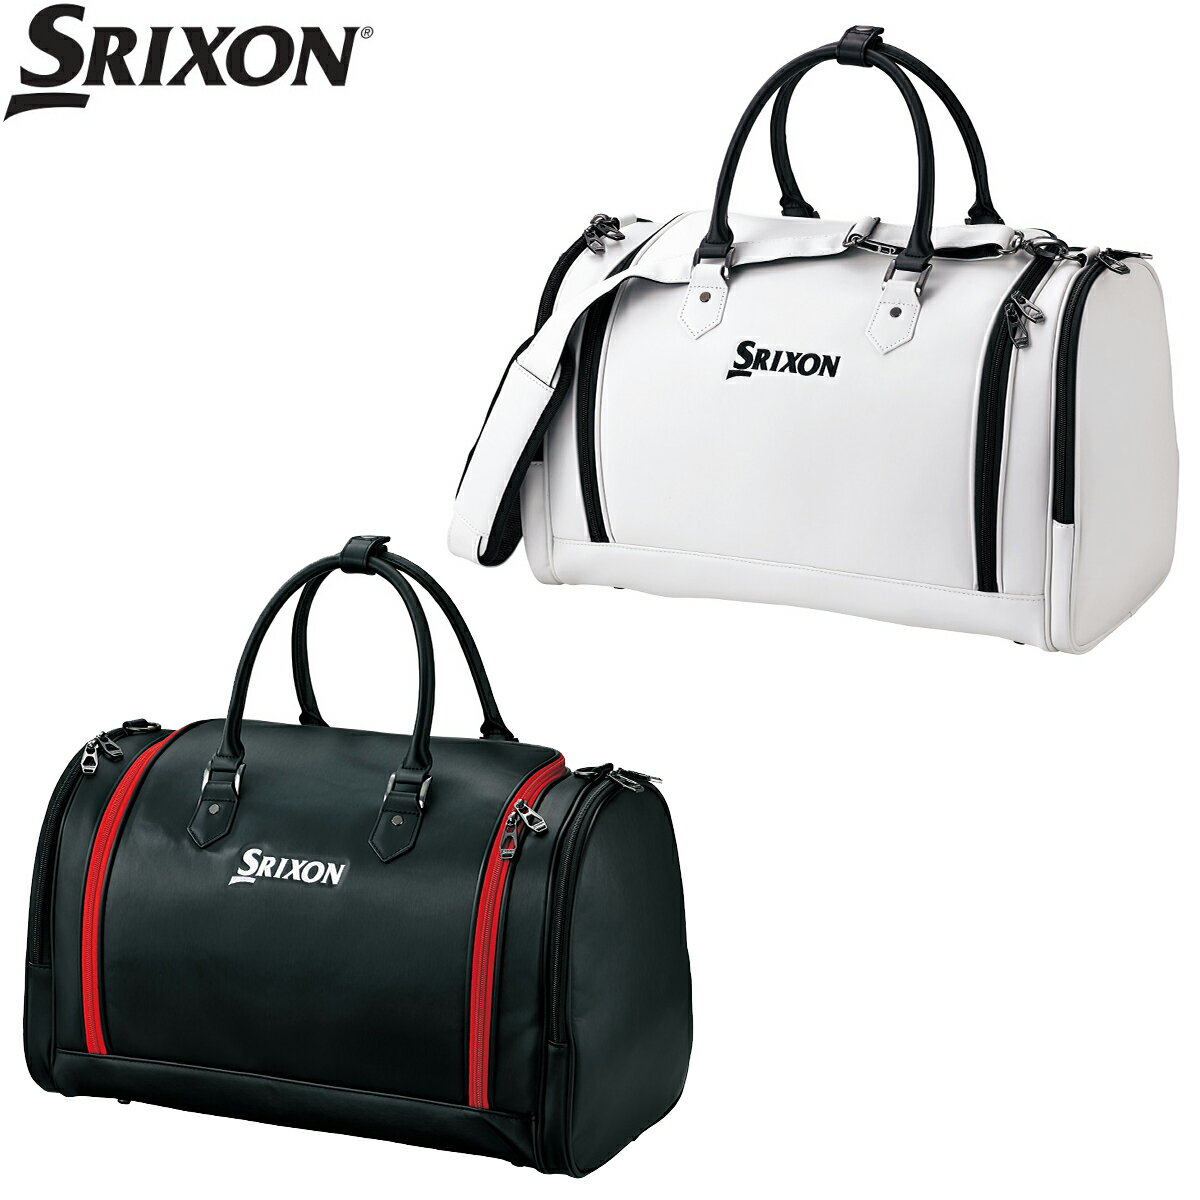 バッグ・ケース, ボストンバッグ DUNLOP() SRIXON() () 2020 GGB-S164